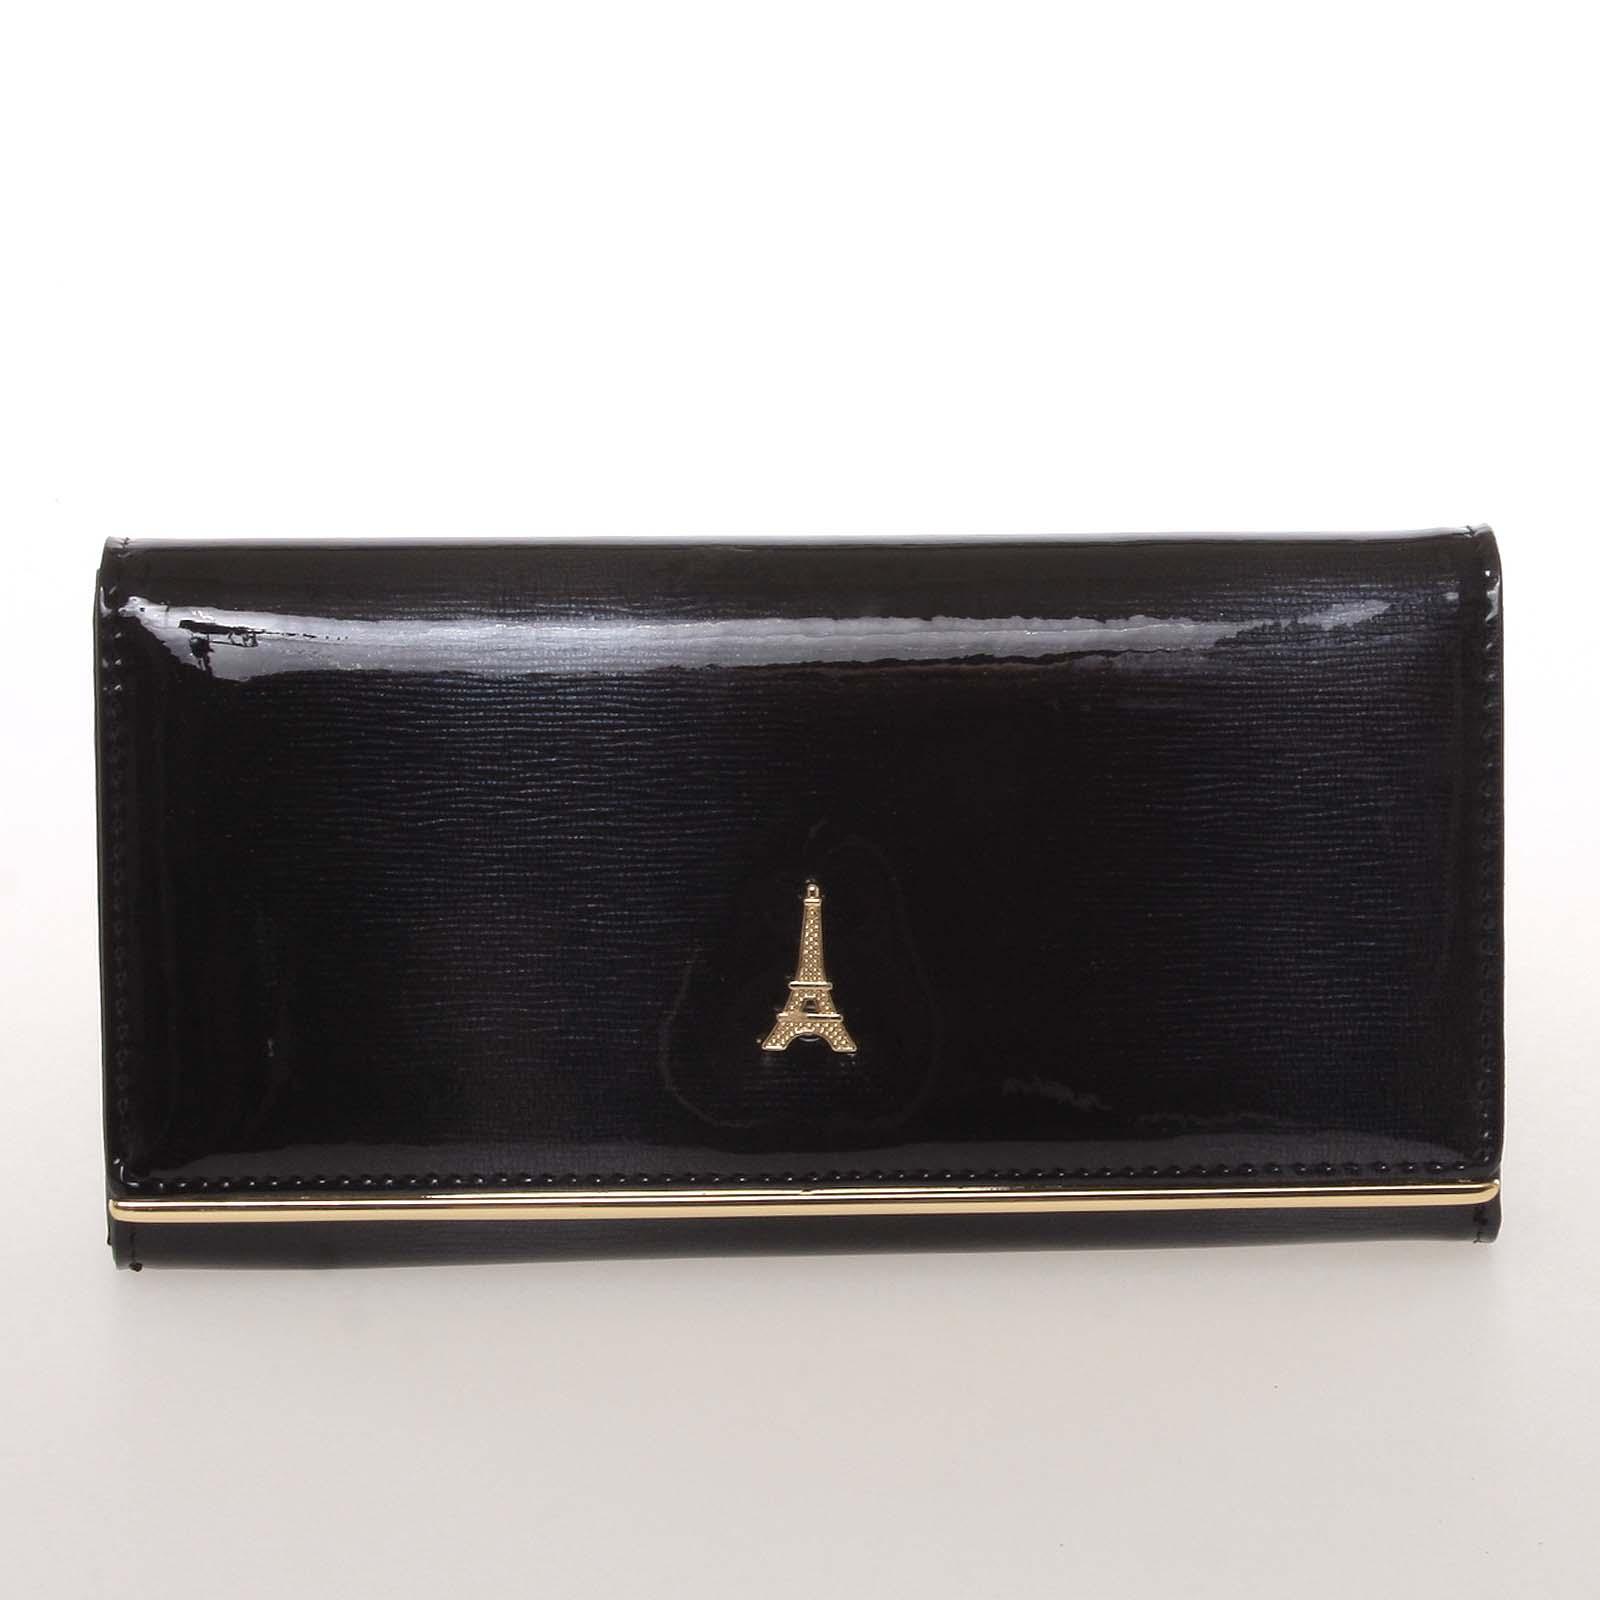 Jedinečná kožená lakovaná dámská peněženka černá - PARIS 64003DSHK